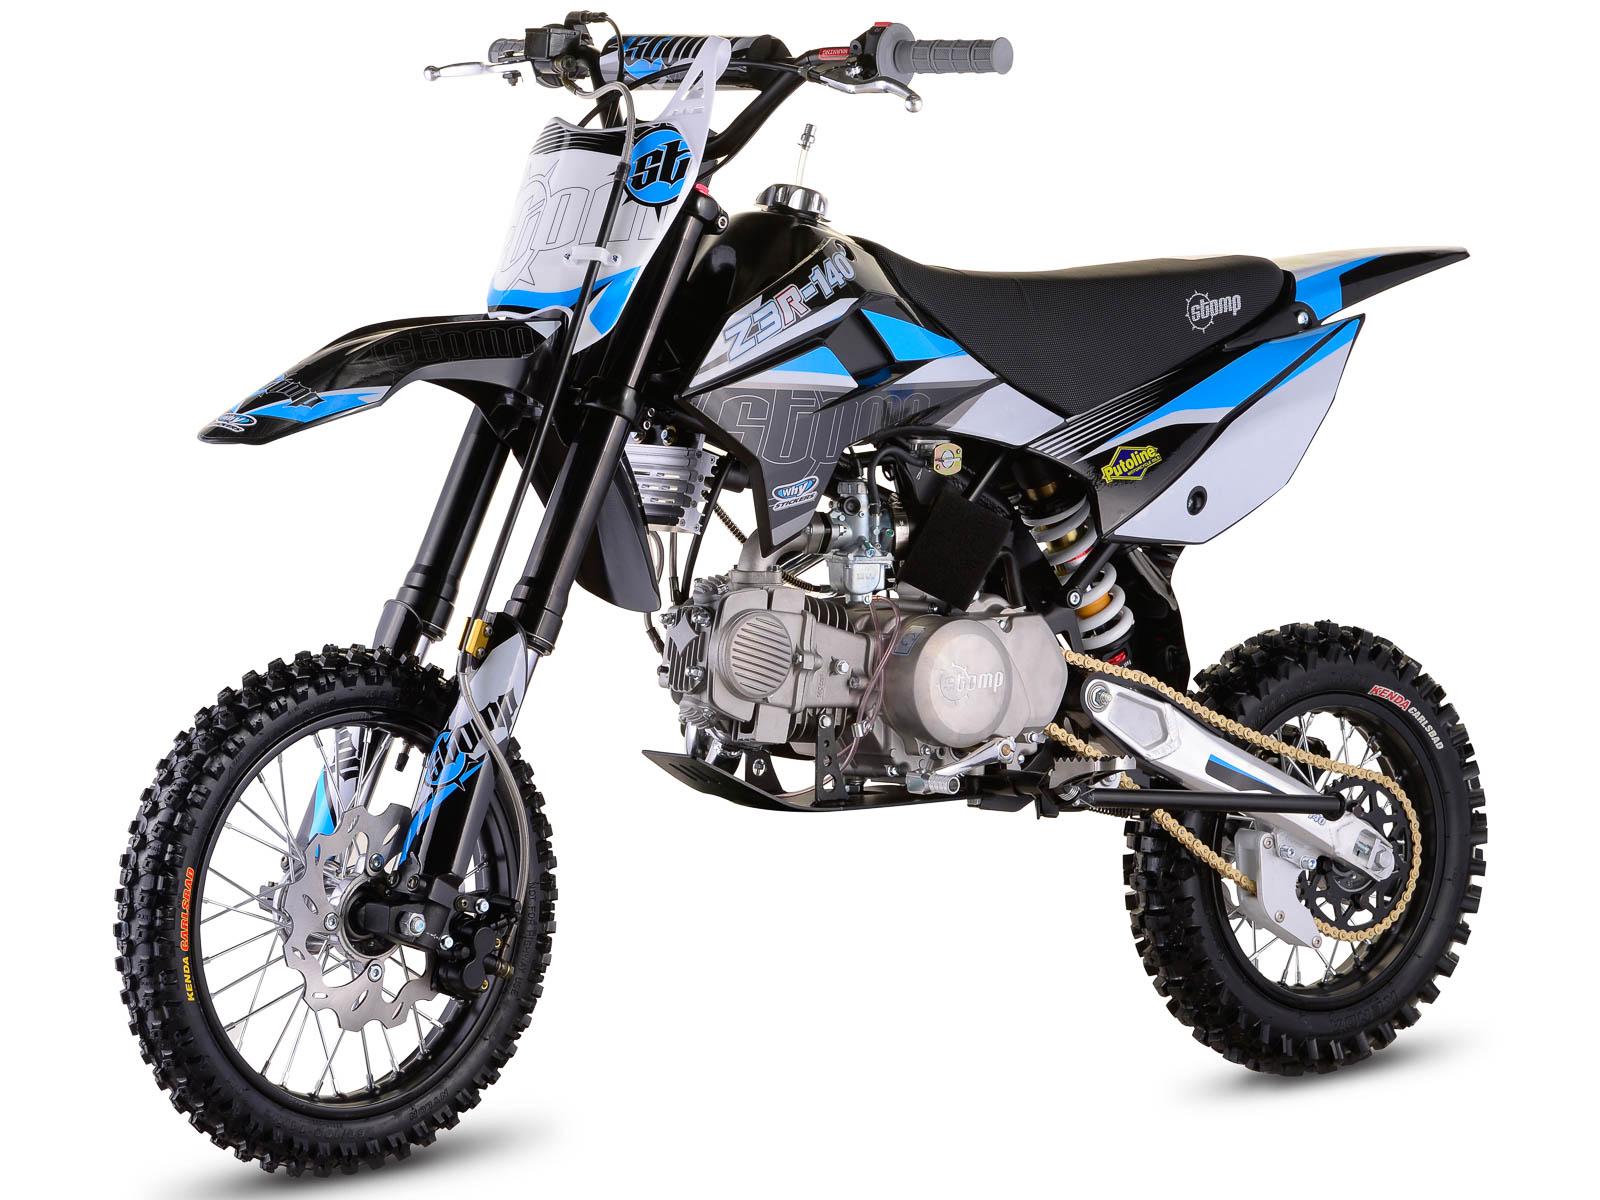 Stomp Stomp Z3r 140 Pit Bike